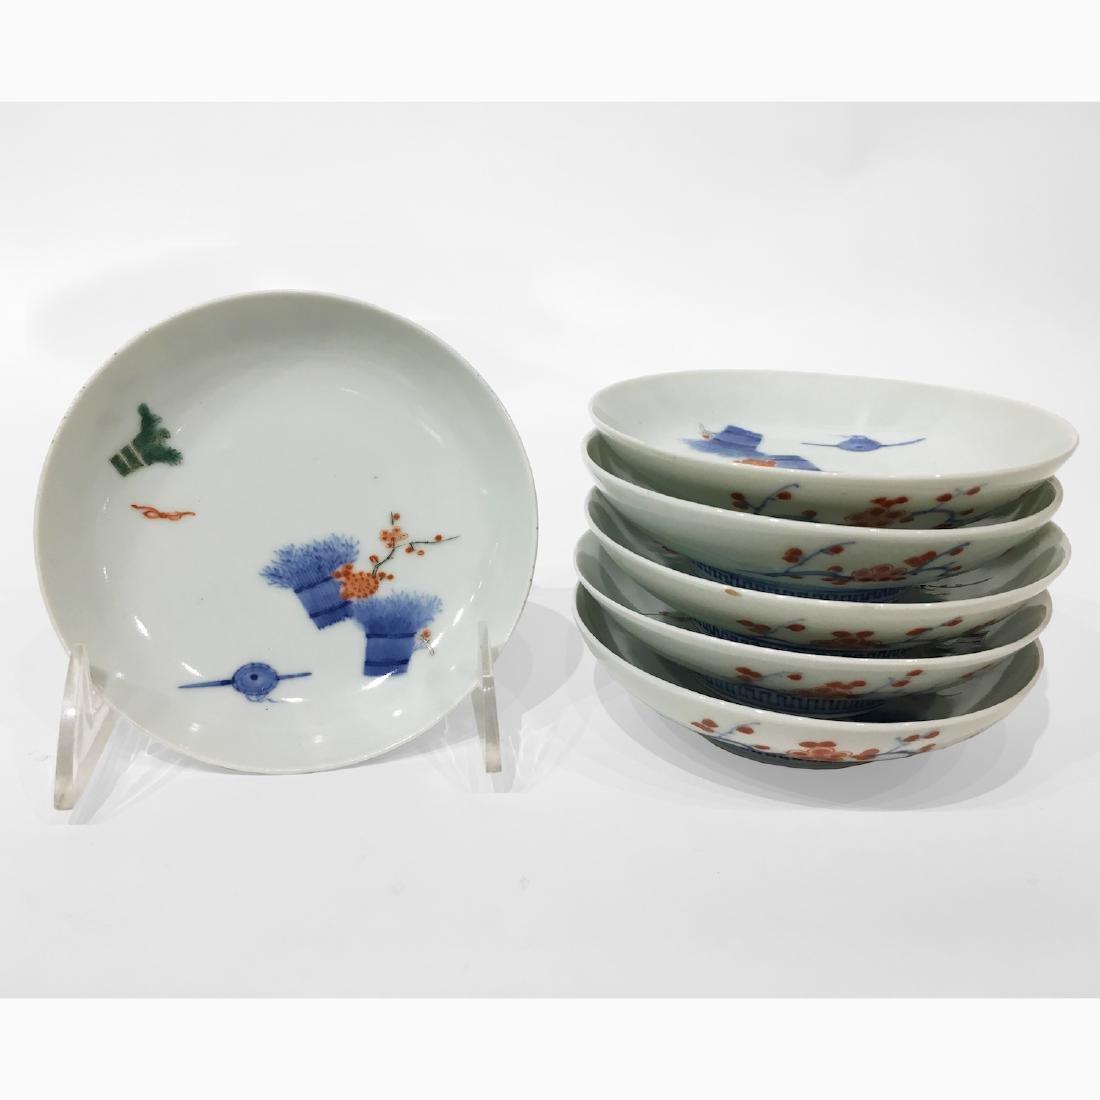 6 Japanese Imari Porcelain Dishes.